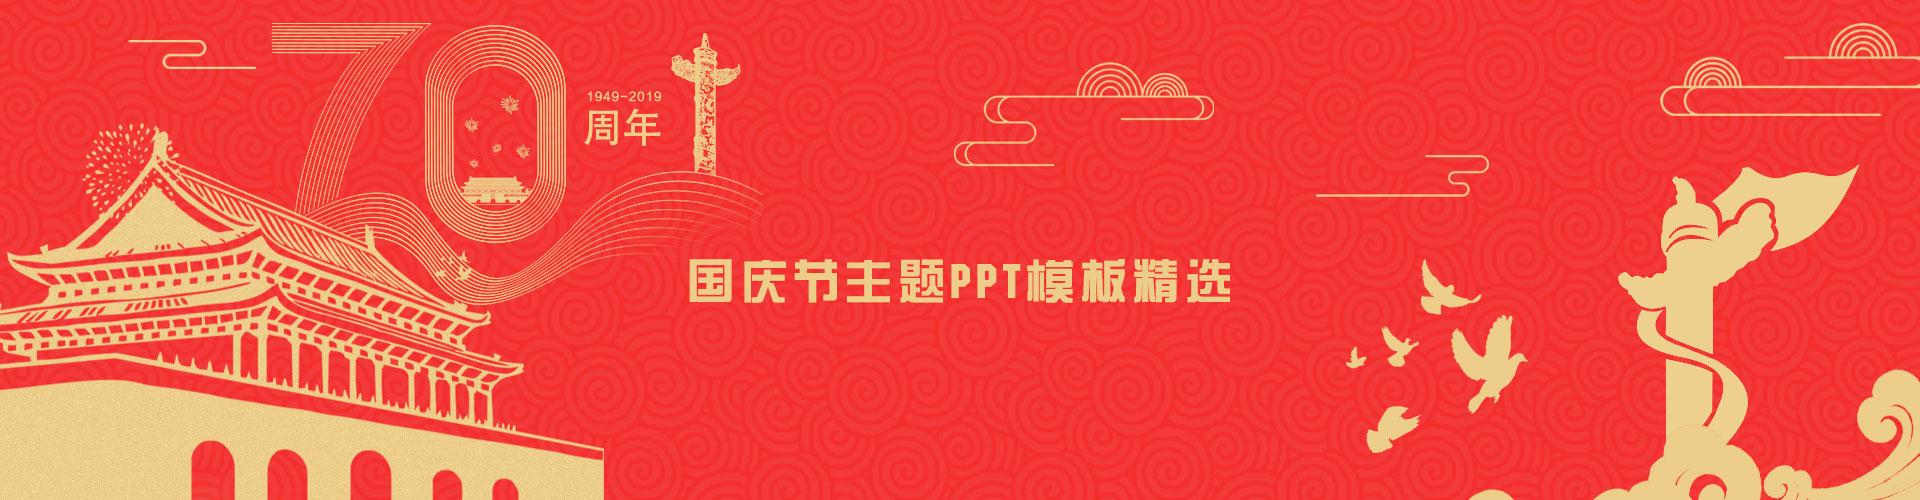 国庆节主题PPT模板精选